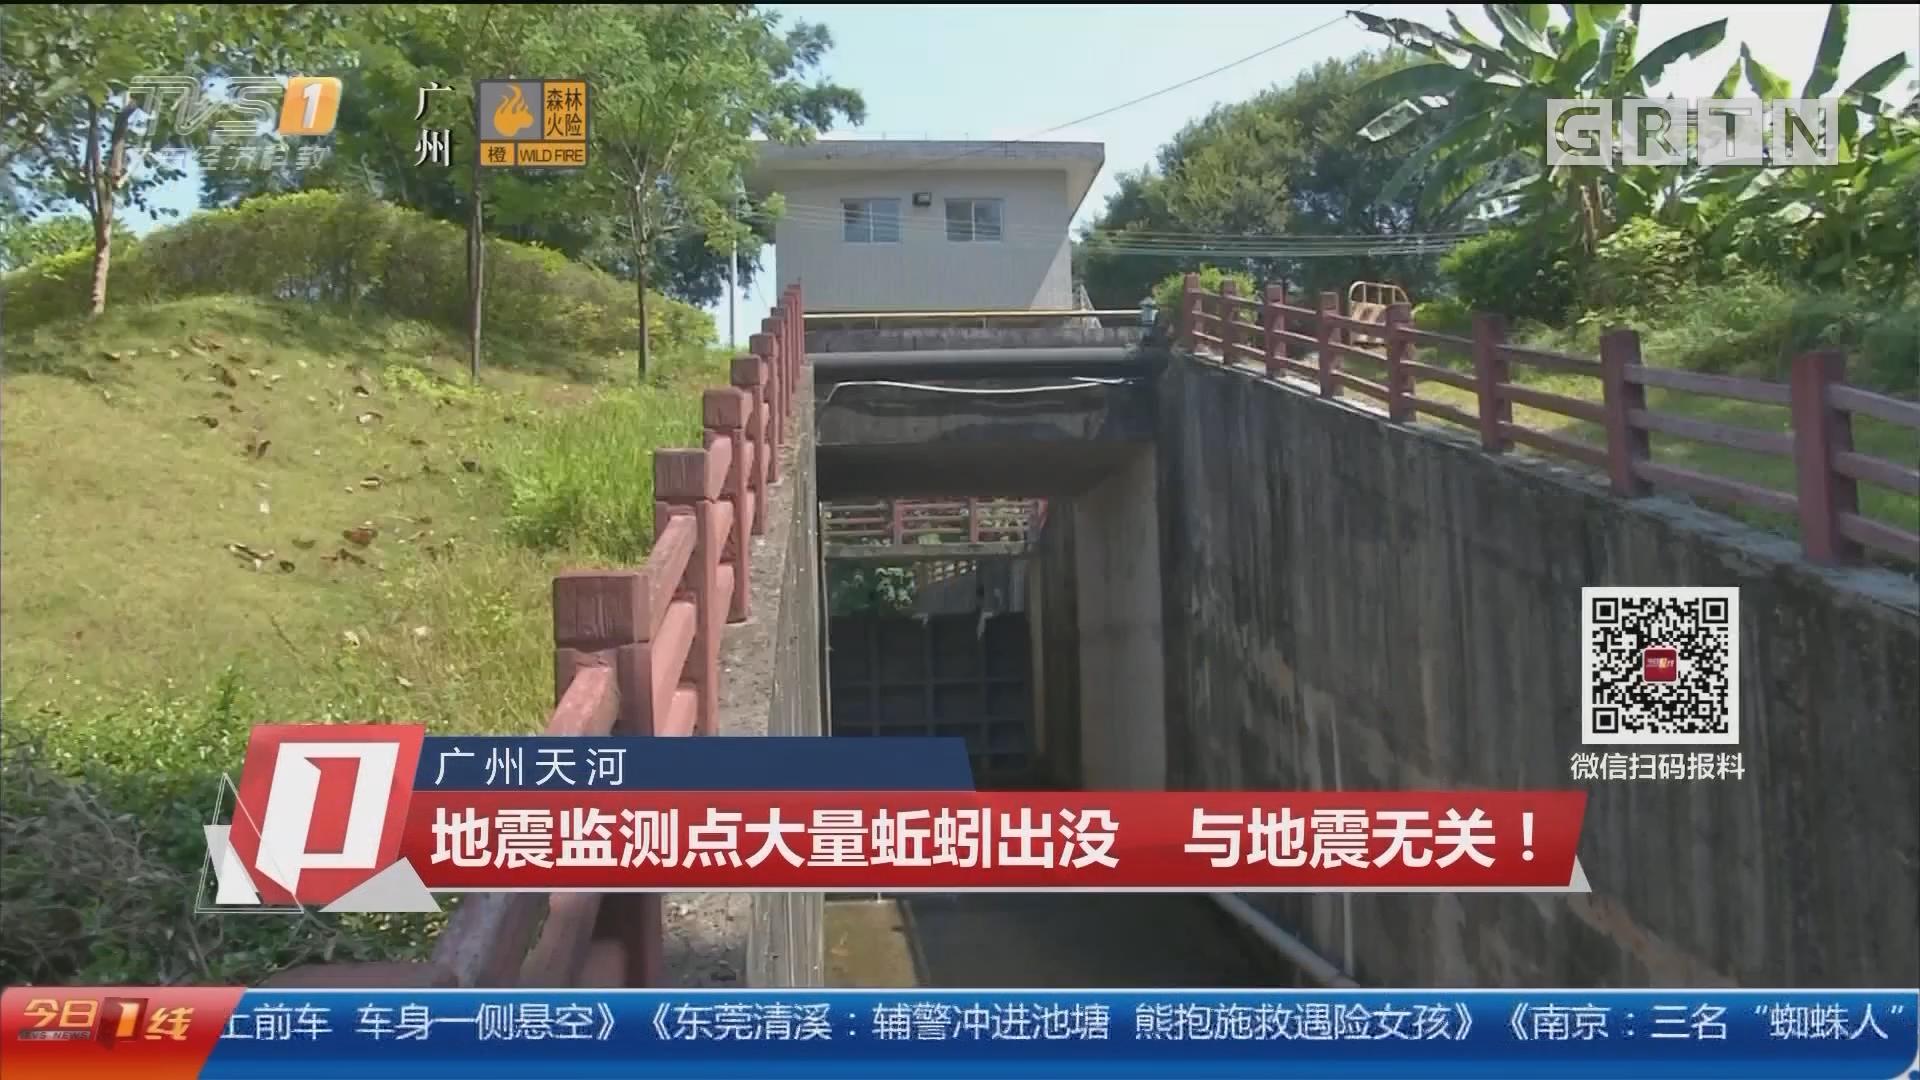 广州天河 地震监测点大量蚯蚓出没 与地震无关!